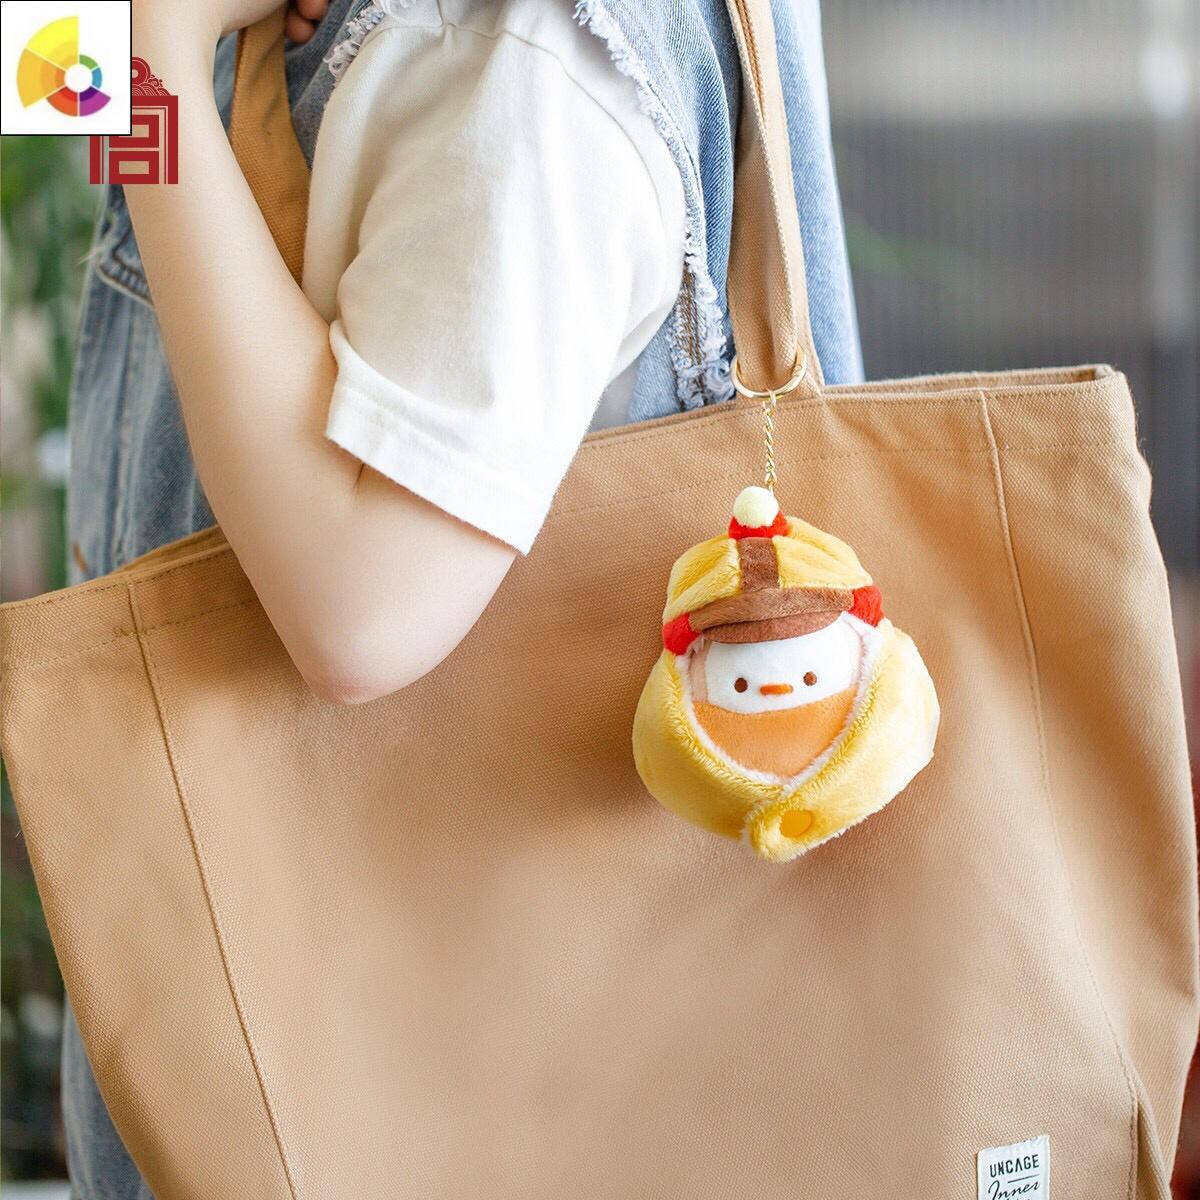 故宫必胜戴胜毛绒玩具挂件女生可爱公仔玩偶生日七夕礼物品配件